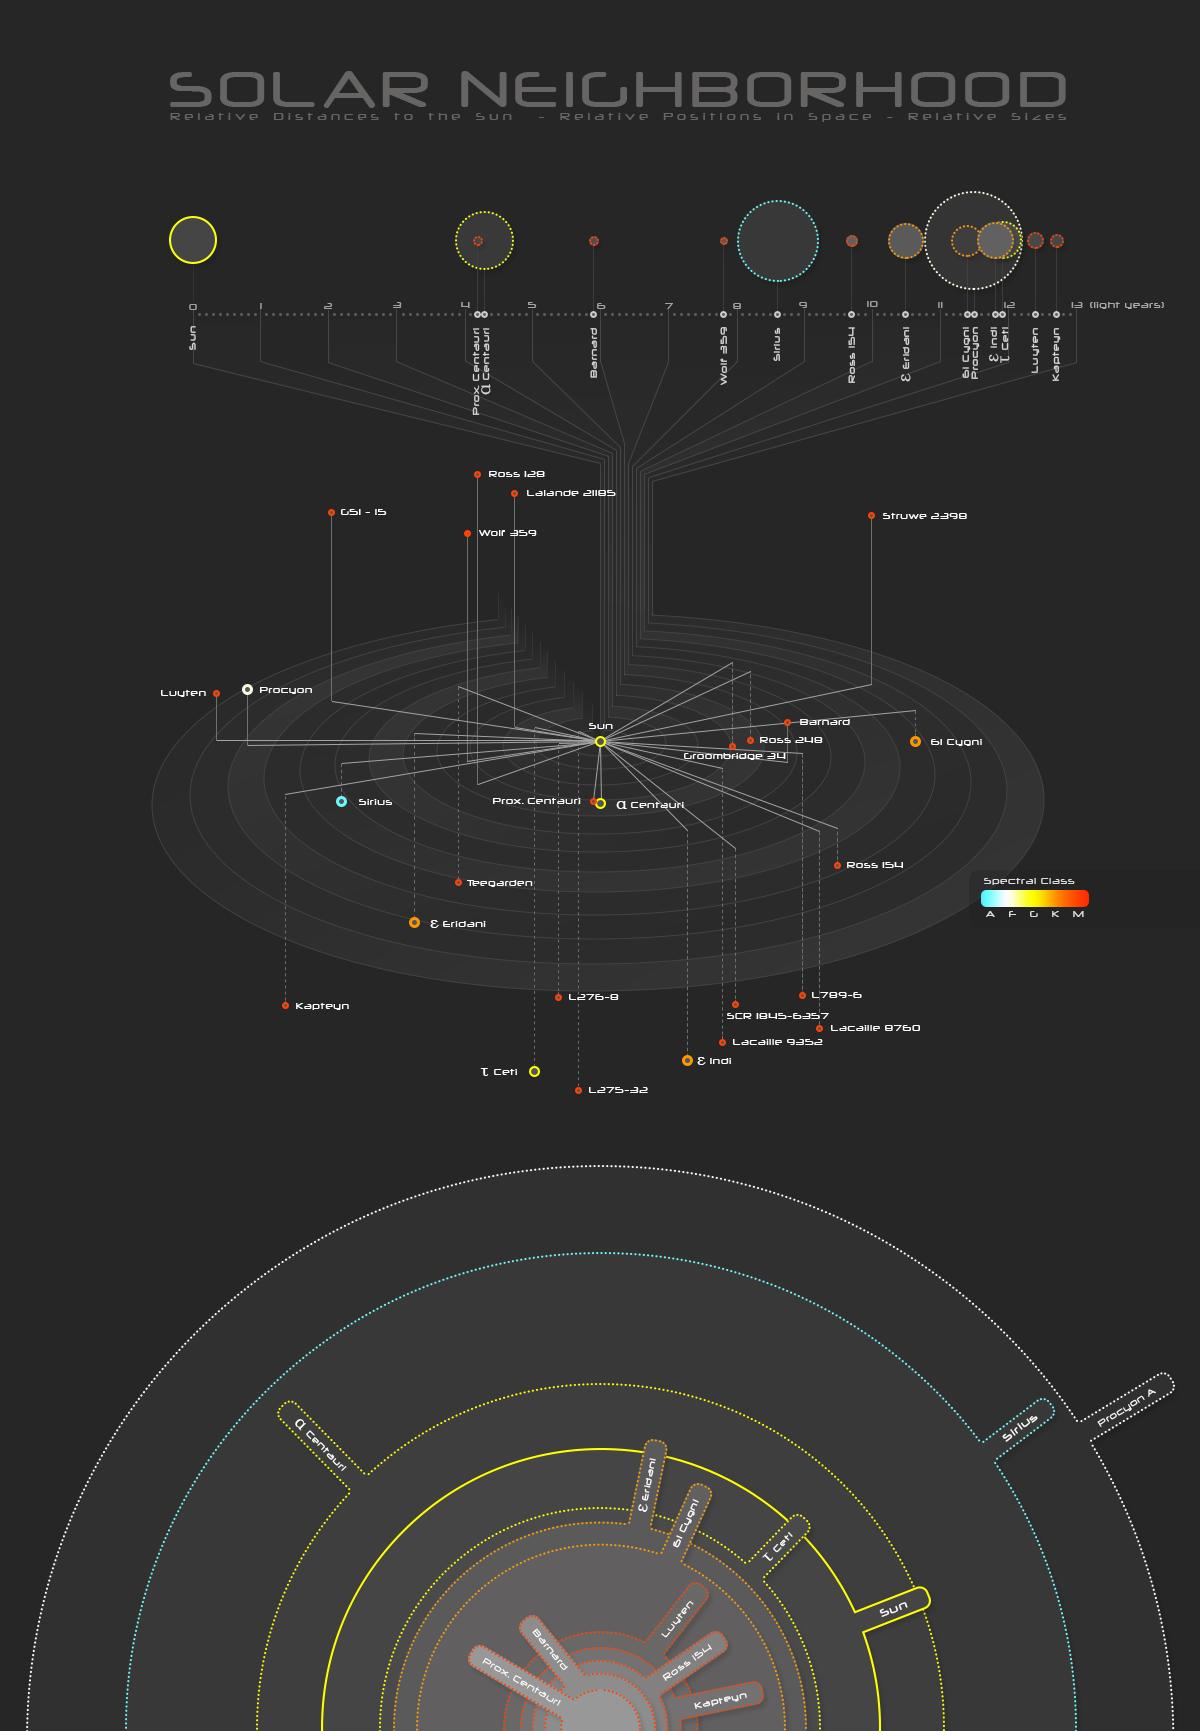 Solar Neighborhood Infographic